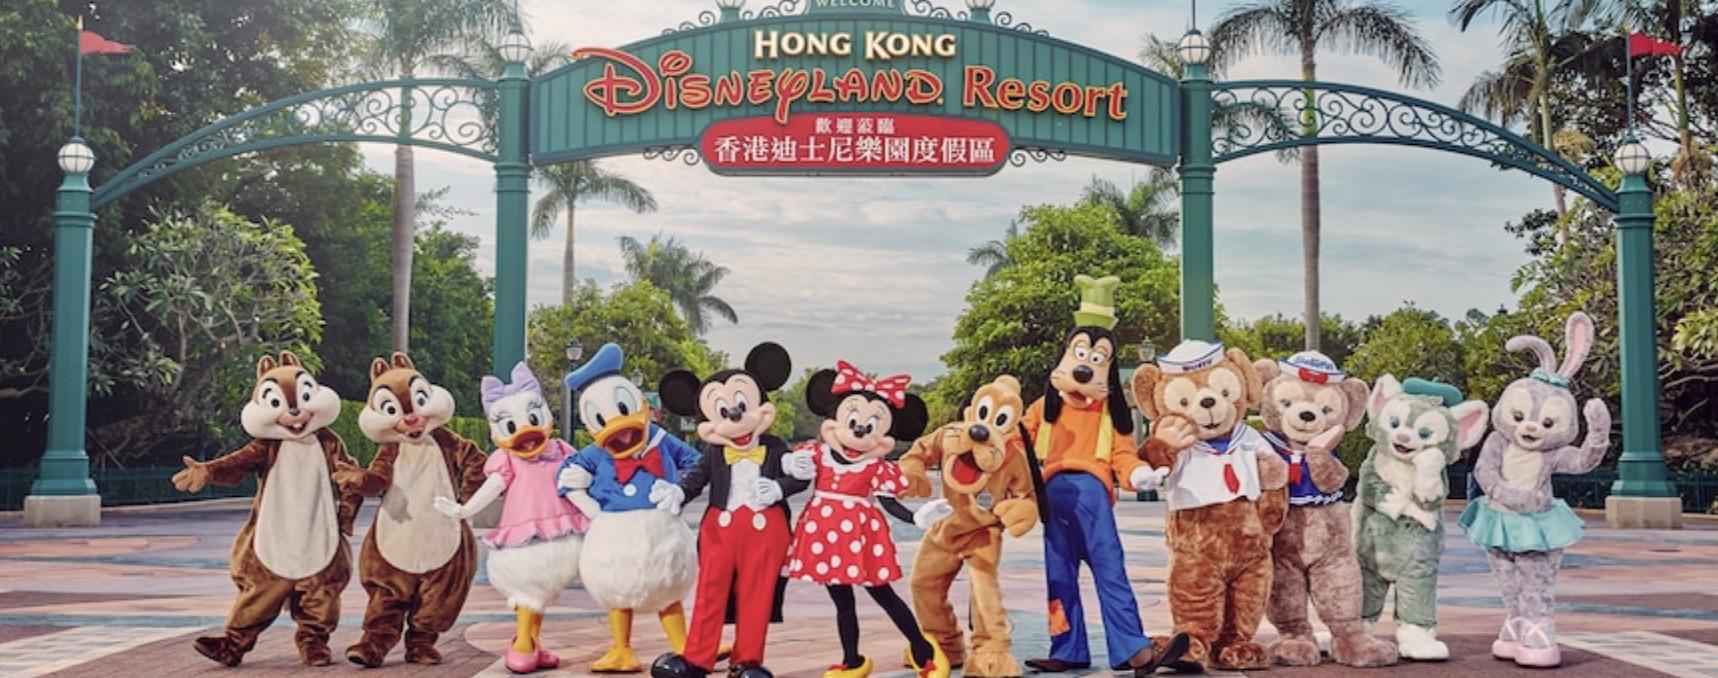 香港迪士尼乐园将于9月25日恢复运营 初期每周运营五天